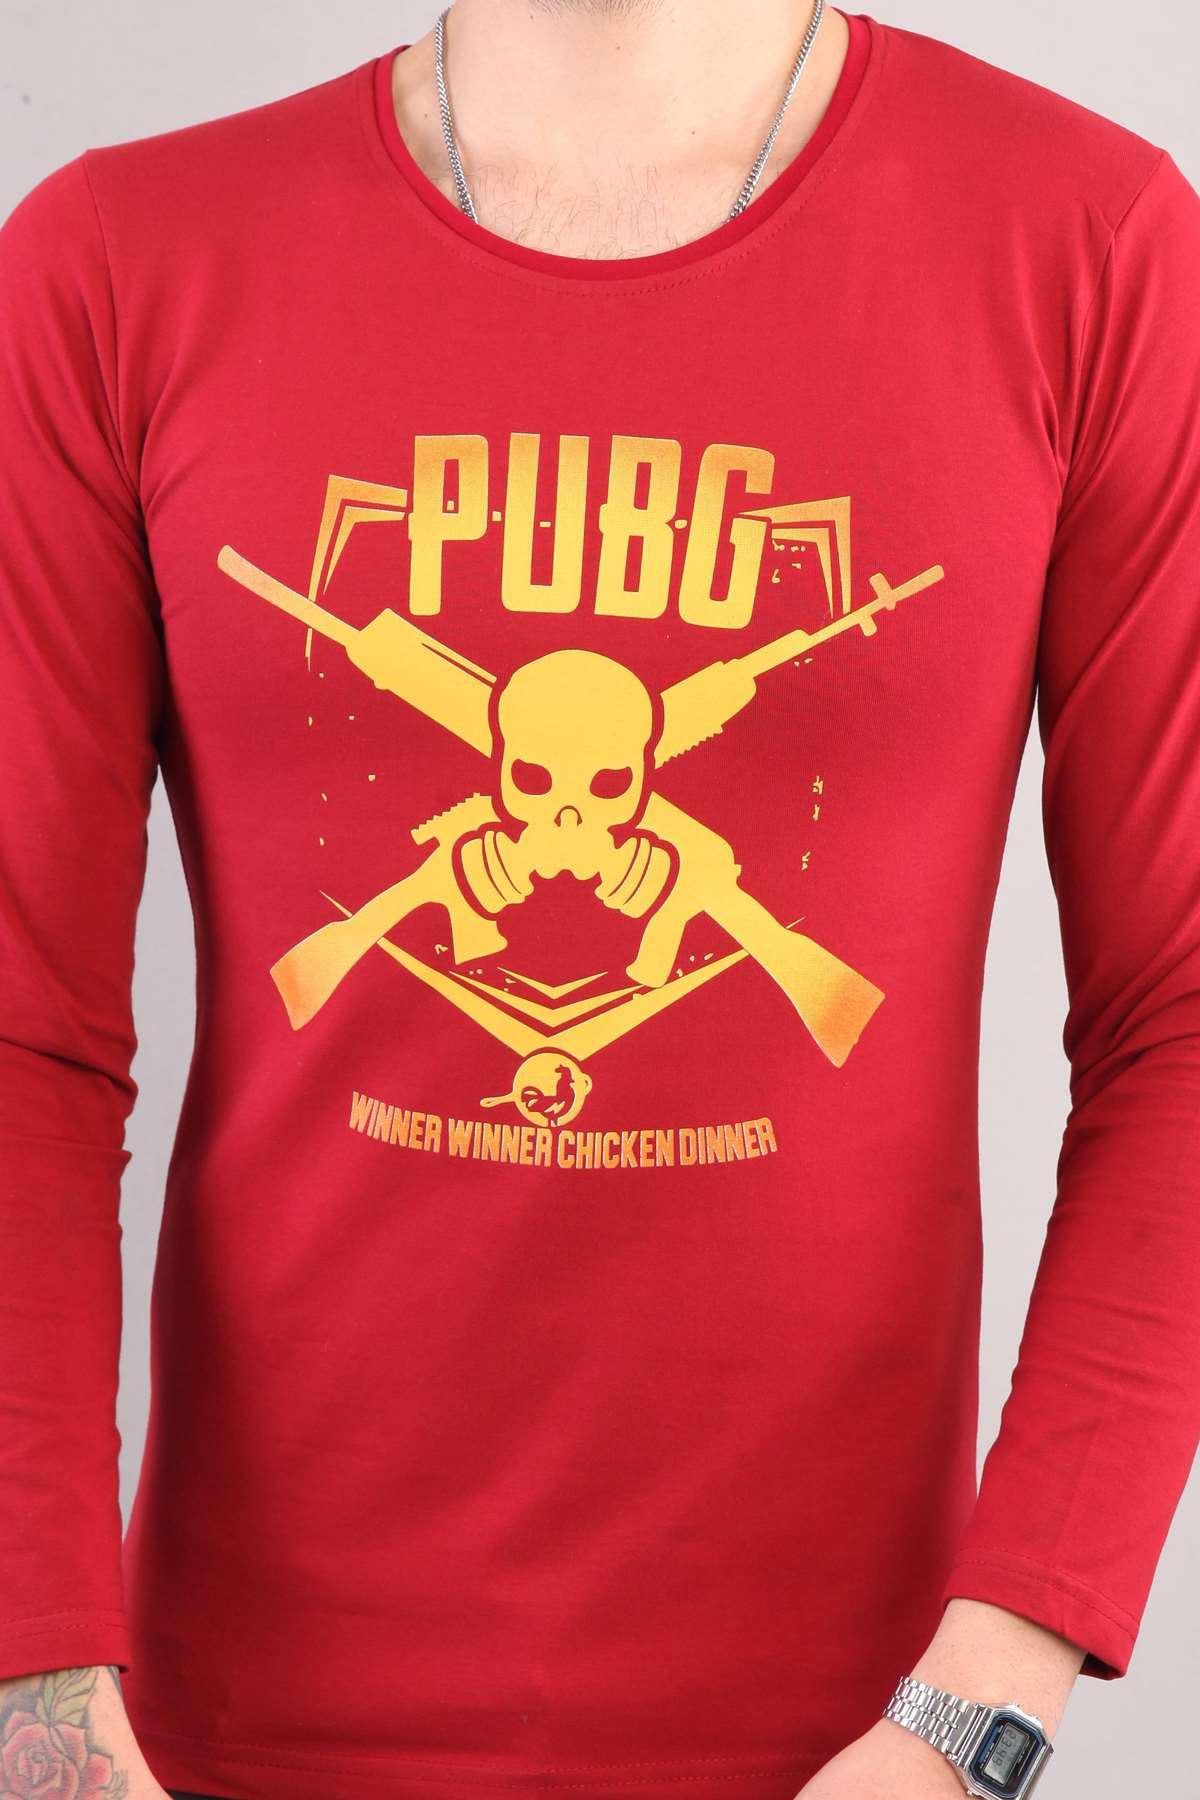 Pubg Yazılı Kuru Kafa Silah Baskılı Sweatshirt Bordo